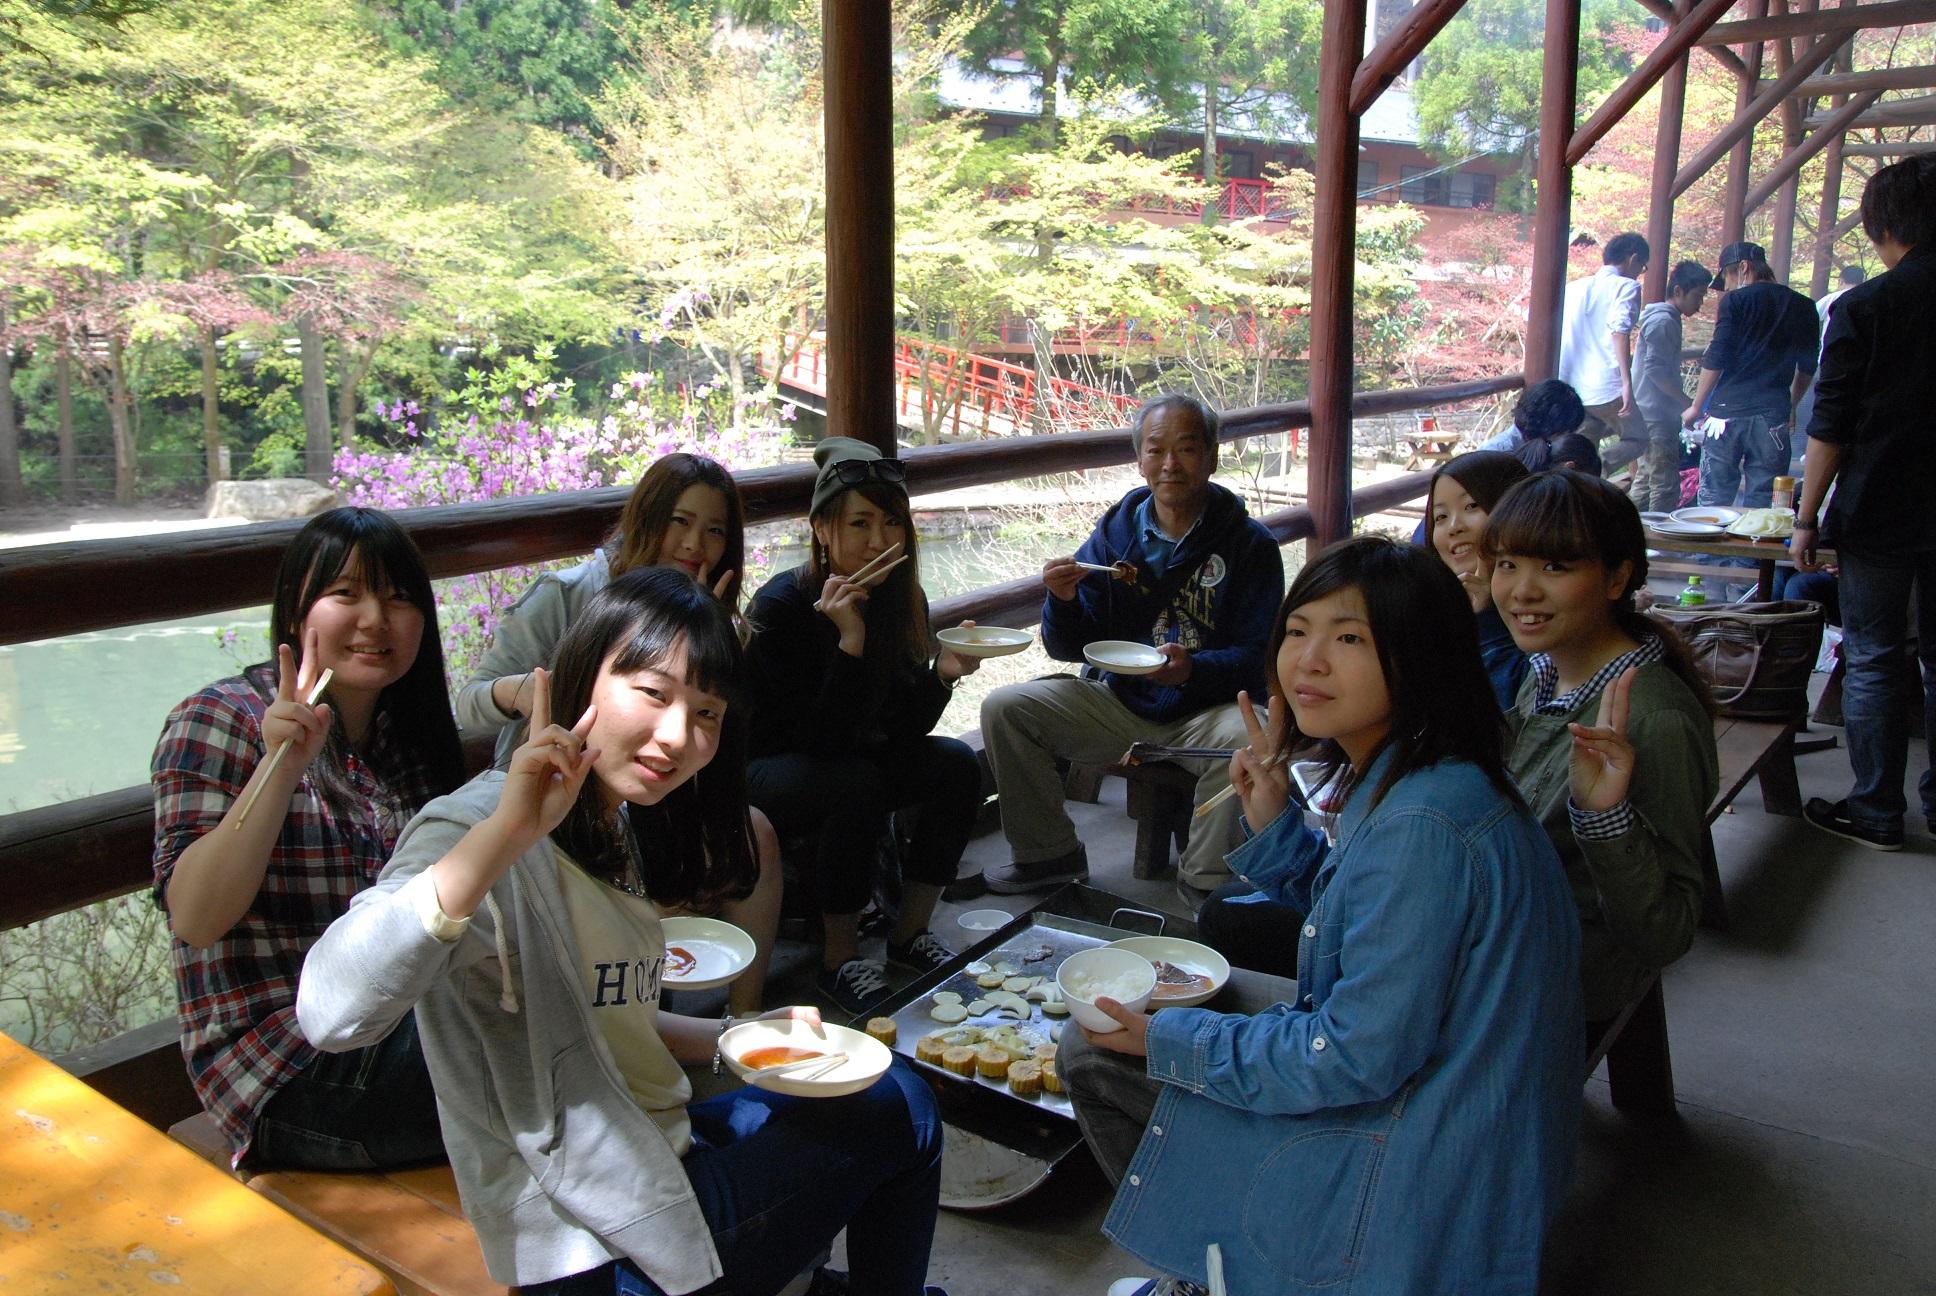 春のレクリエーション!! 【大森リゾートキャンプ場】 | 京都 ...